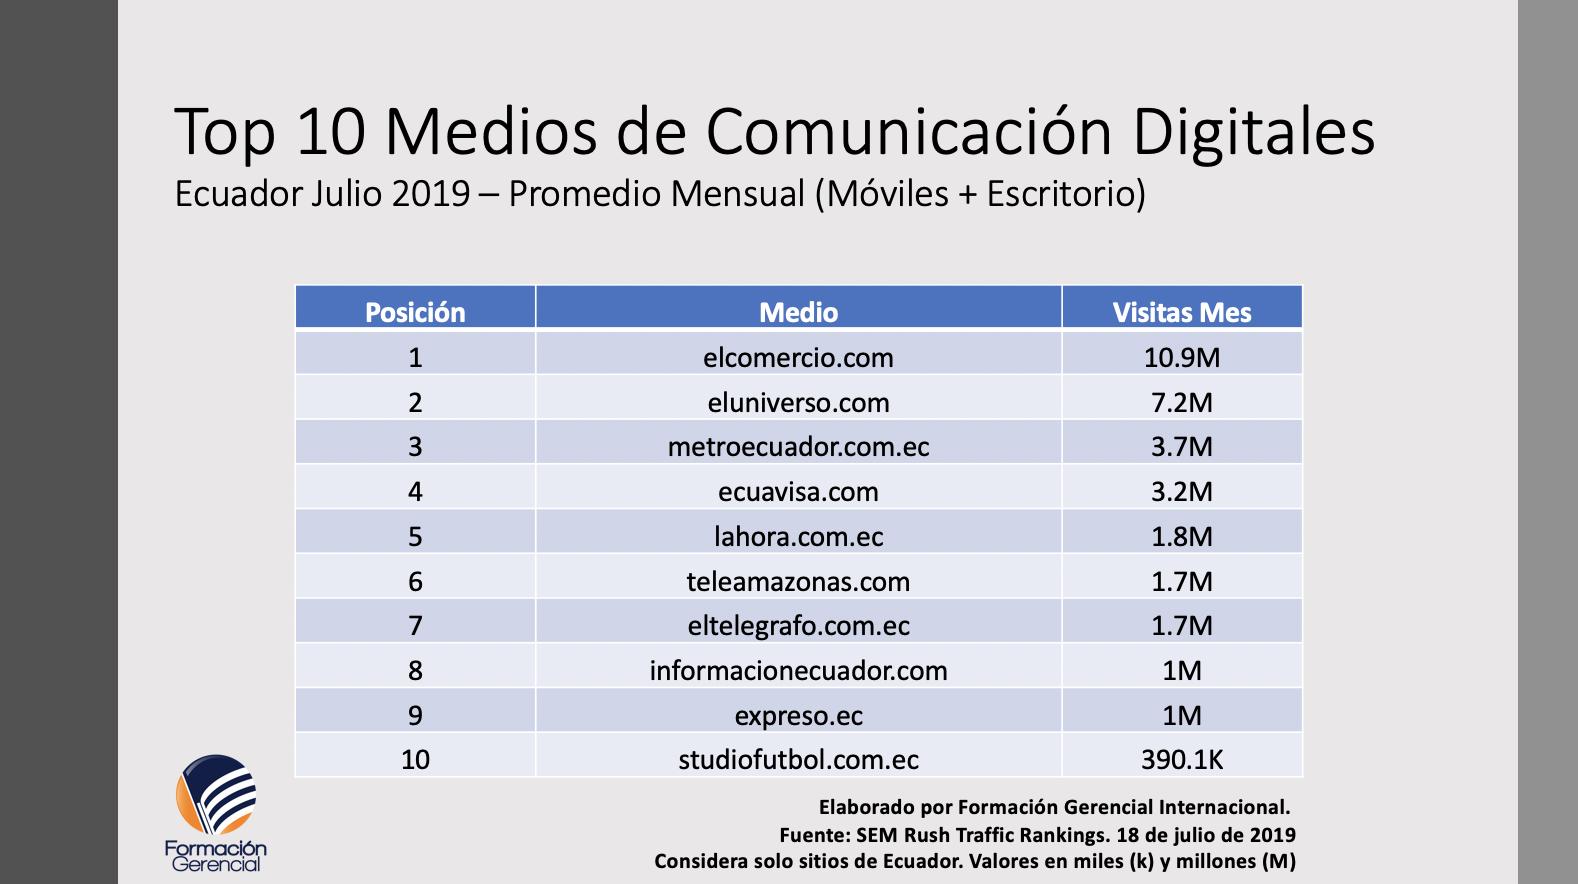 Medios de comunicación digitales Ecuador 2019